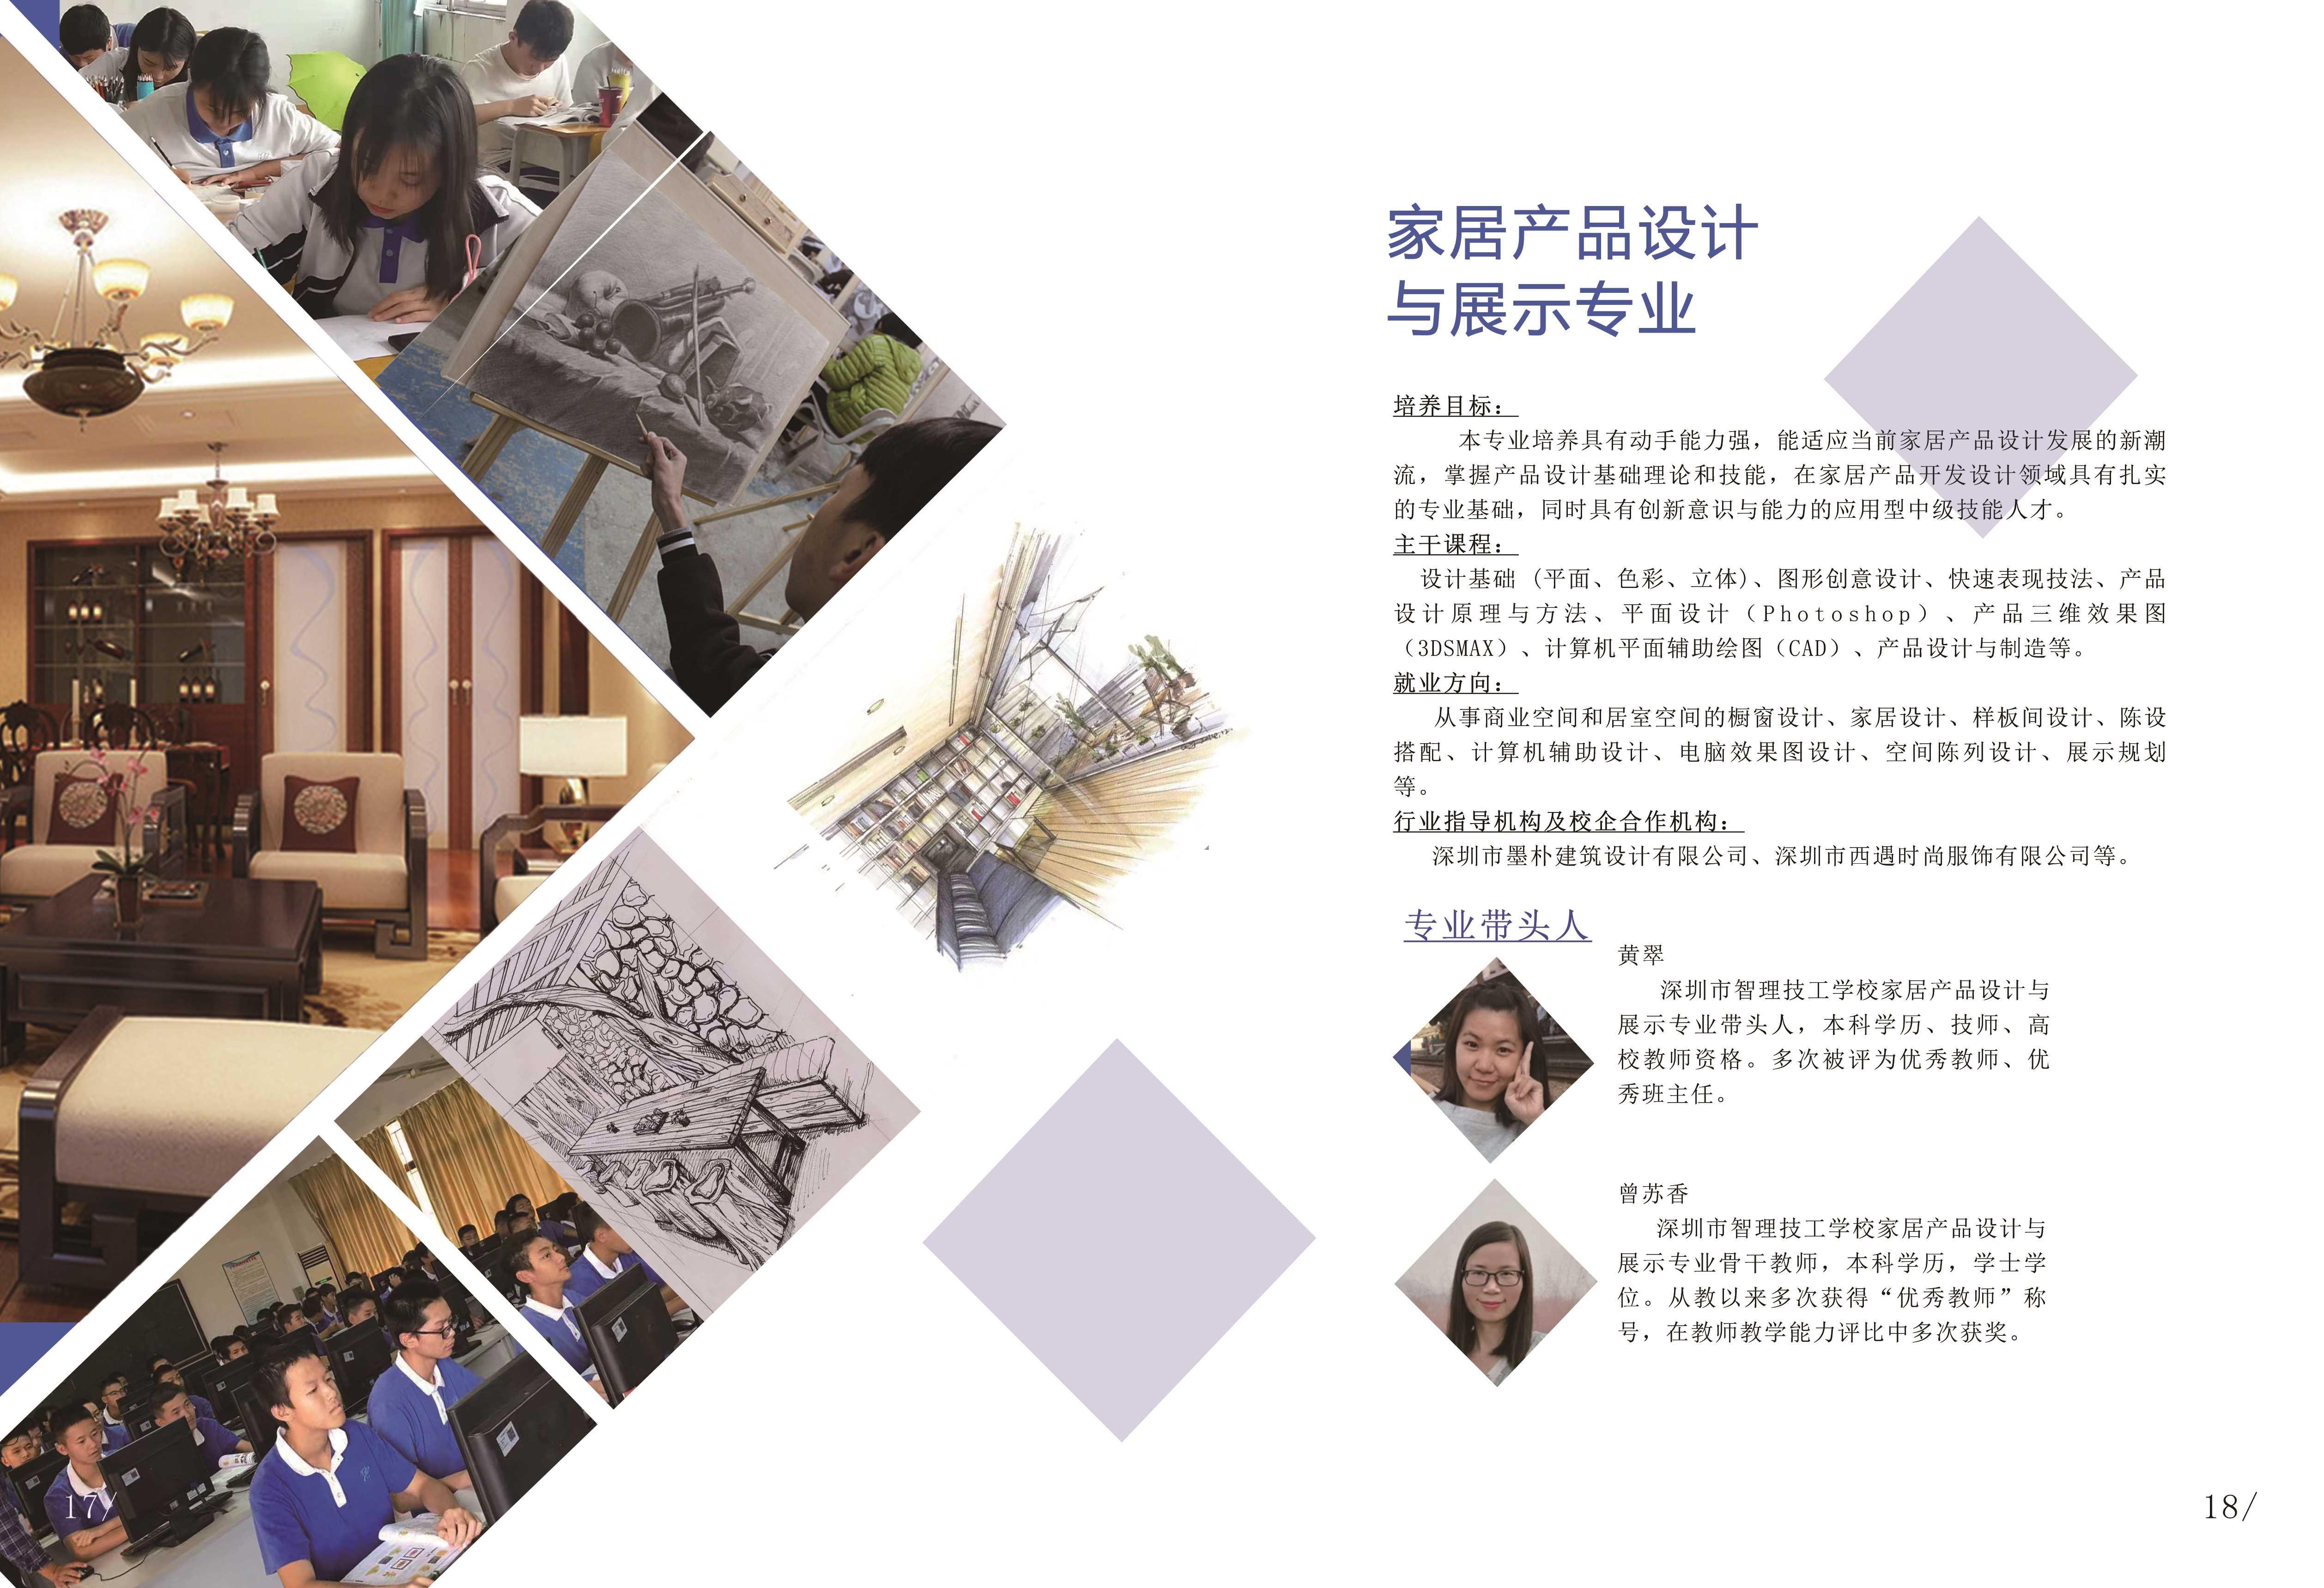 10、家居产品设计与展示专业